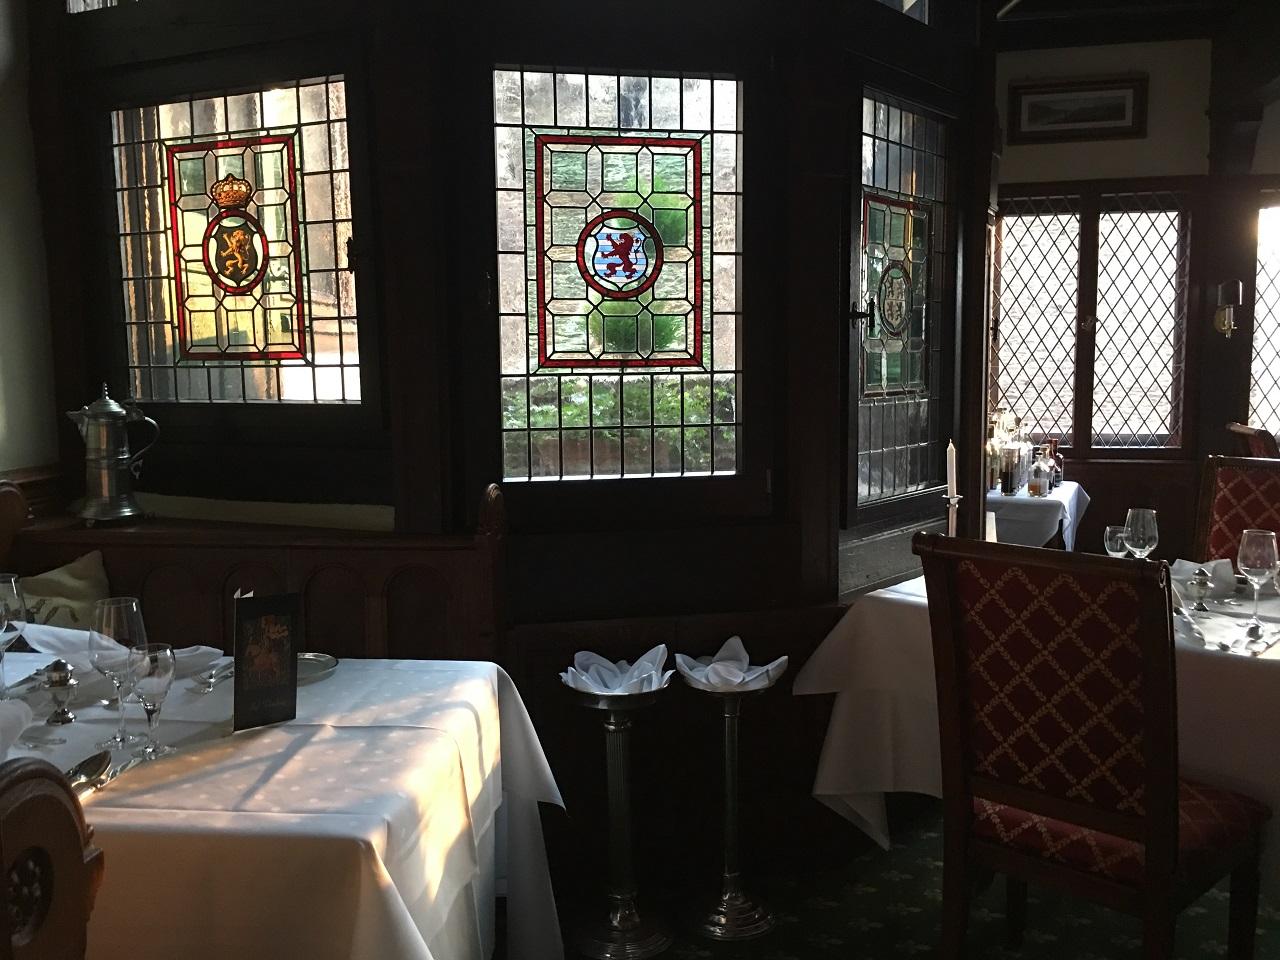 ボリュームたっぷり!ドイツの古城ホテル シェーンブルグでのディナー